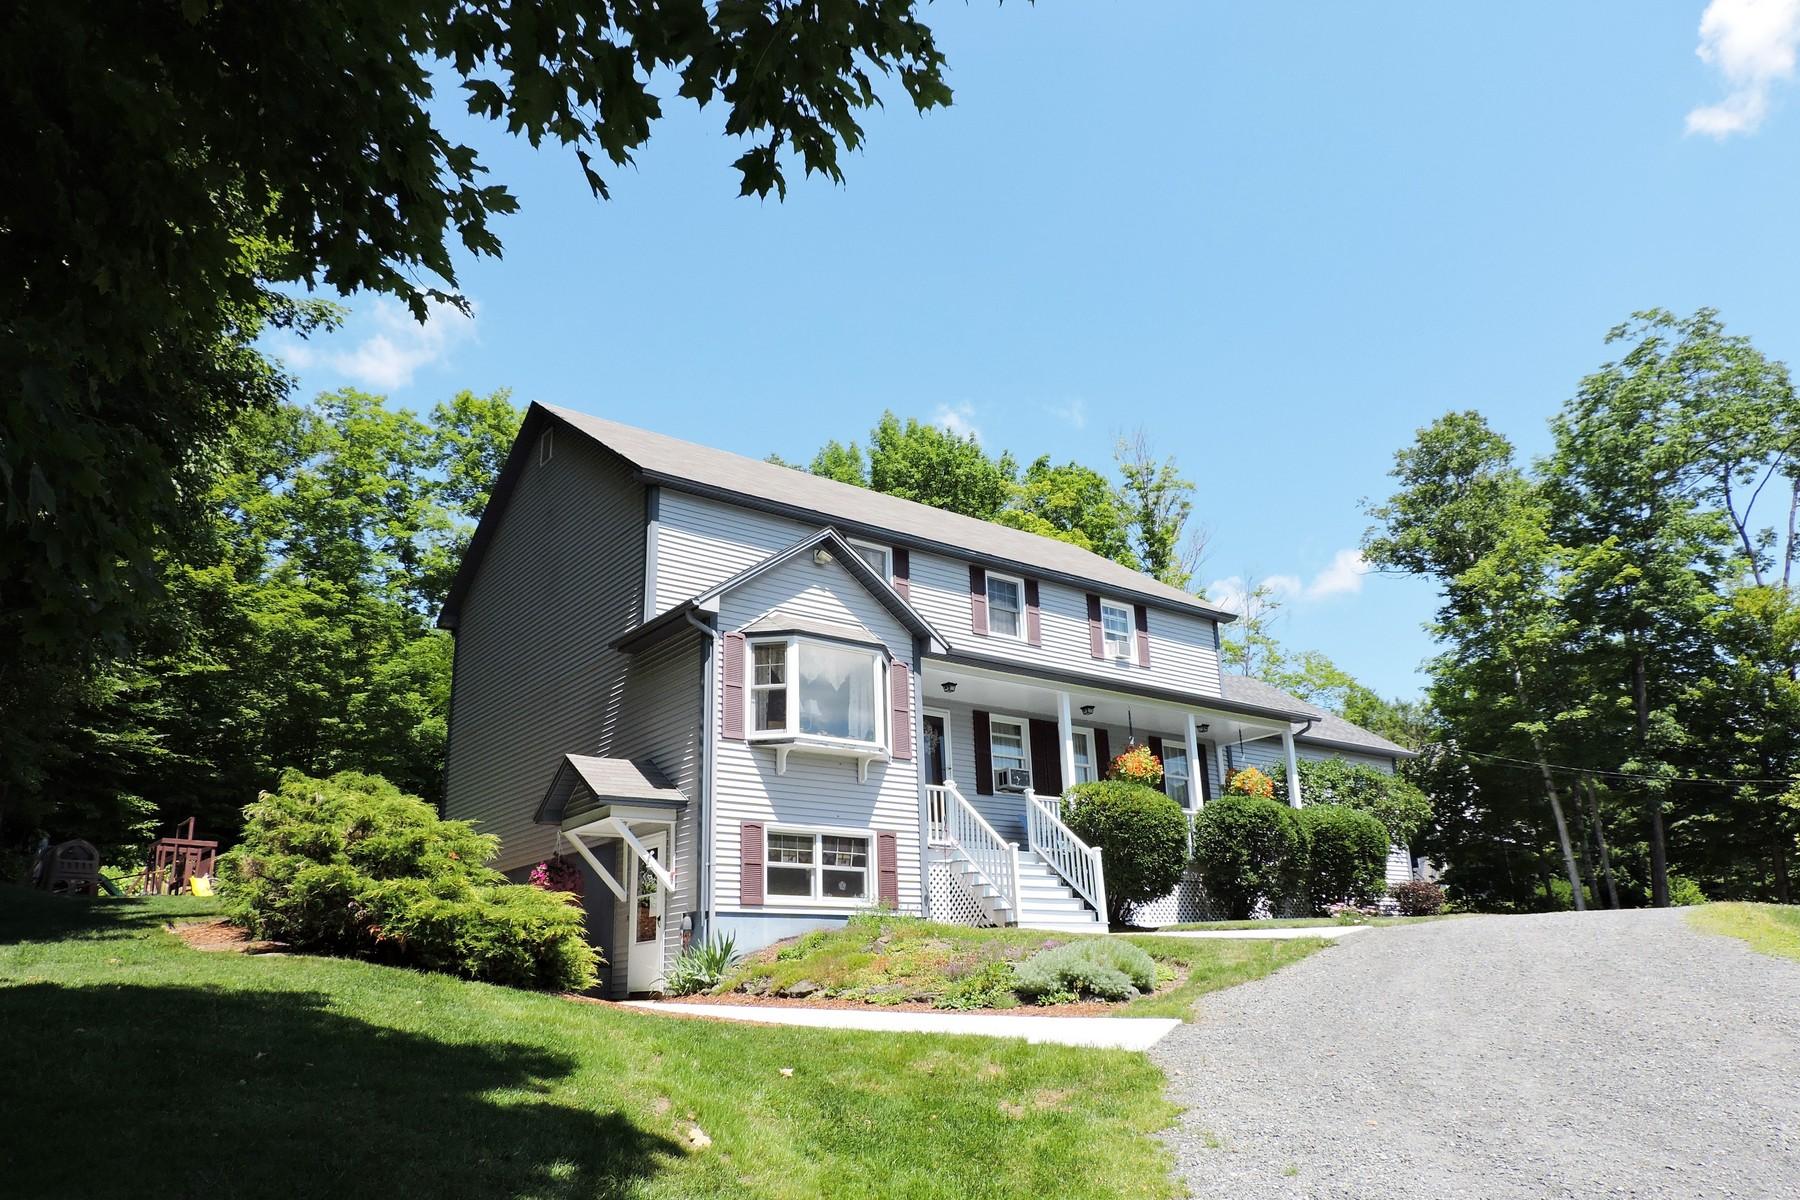 Einfamilienhaus für Verkauf beim Meadowood Lane 229 Meadow Wood Ln Waterford, Vermont, 05819 Vereinigte Staaten